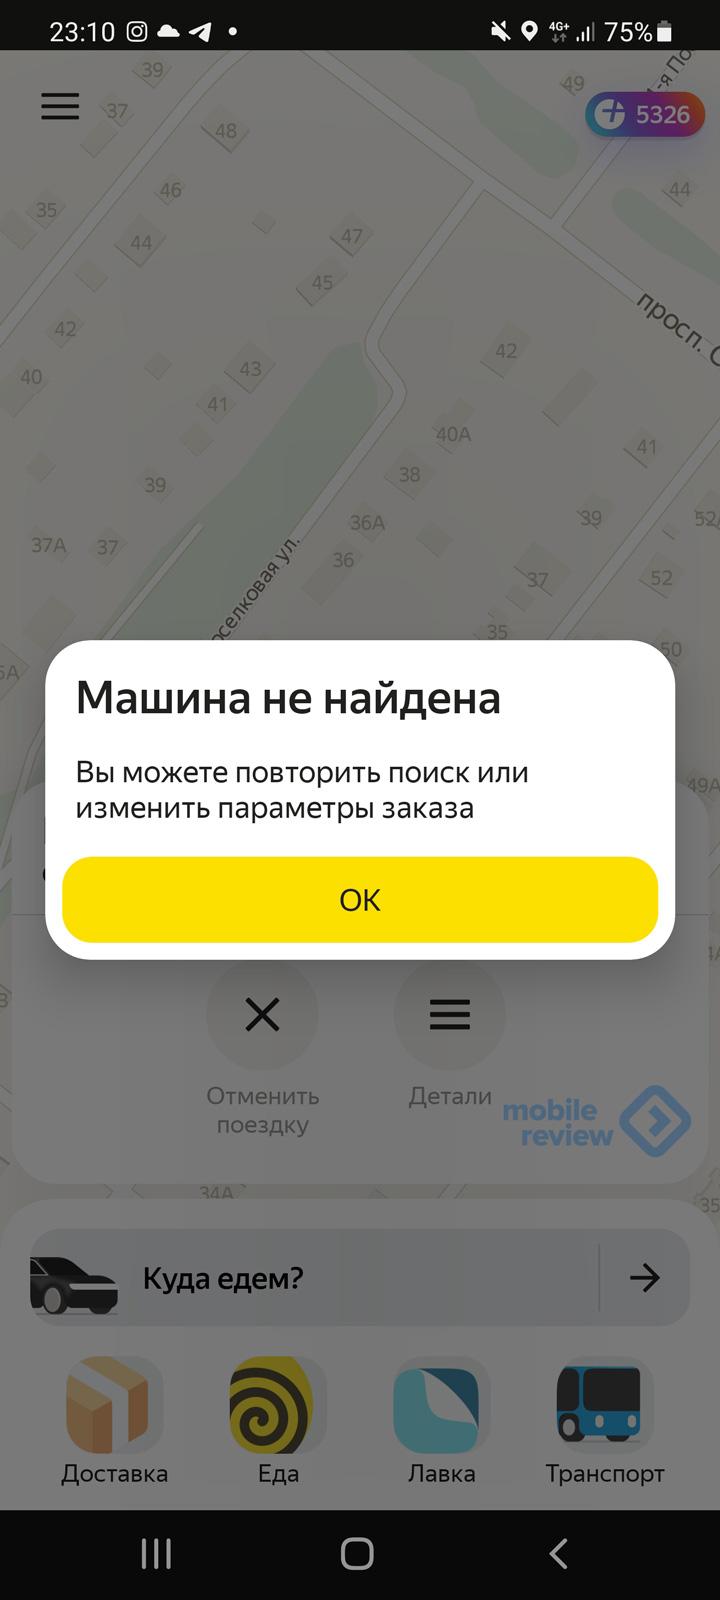 Бирюльки №643. Города большие и малые, сервисы и устройства в них